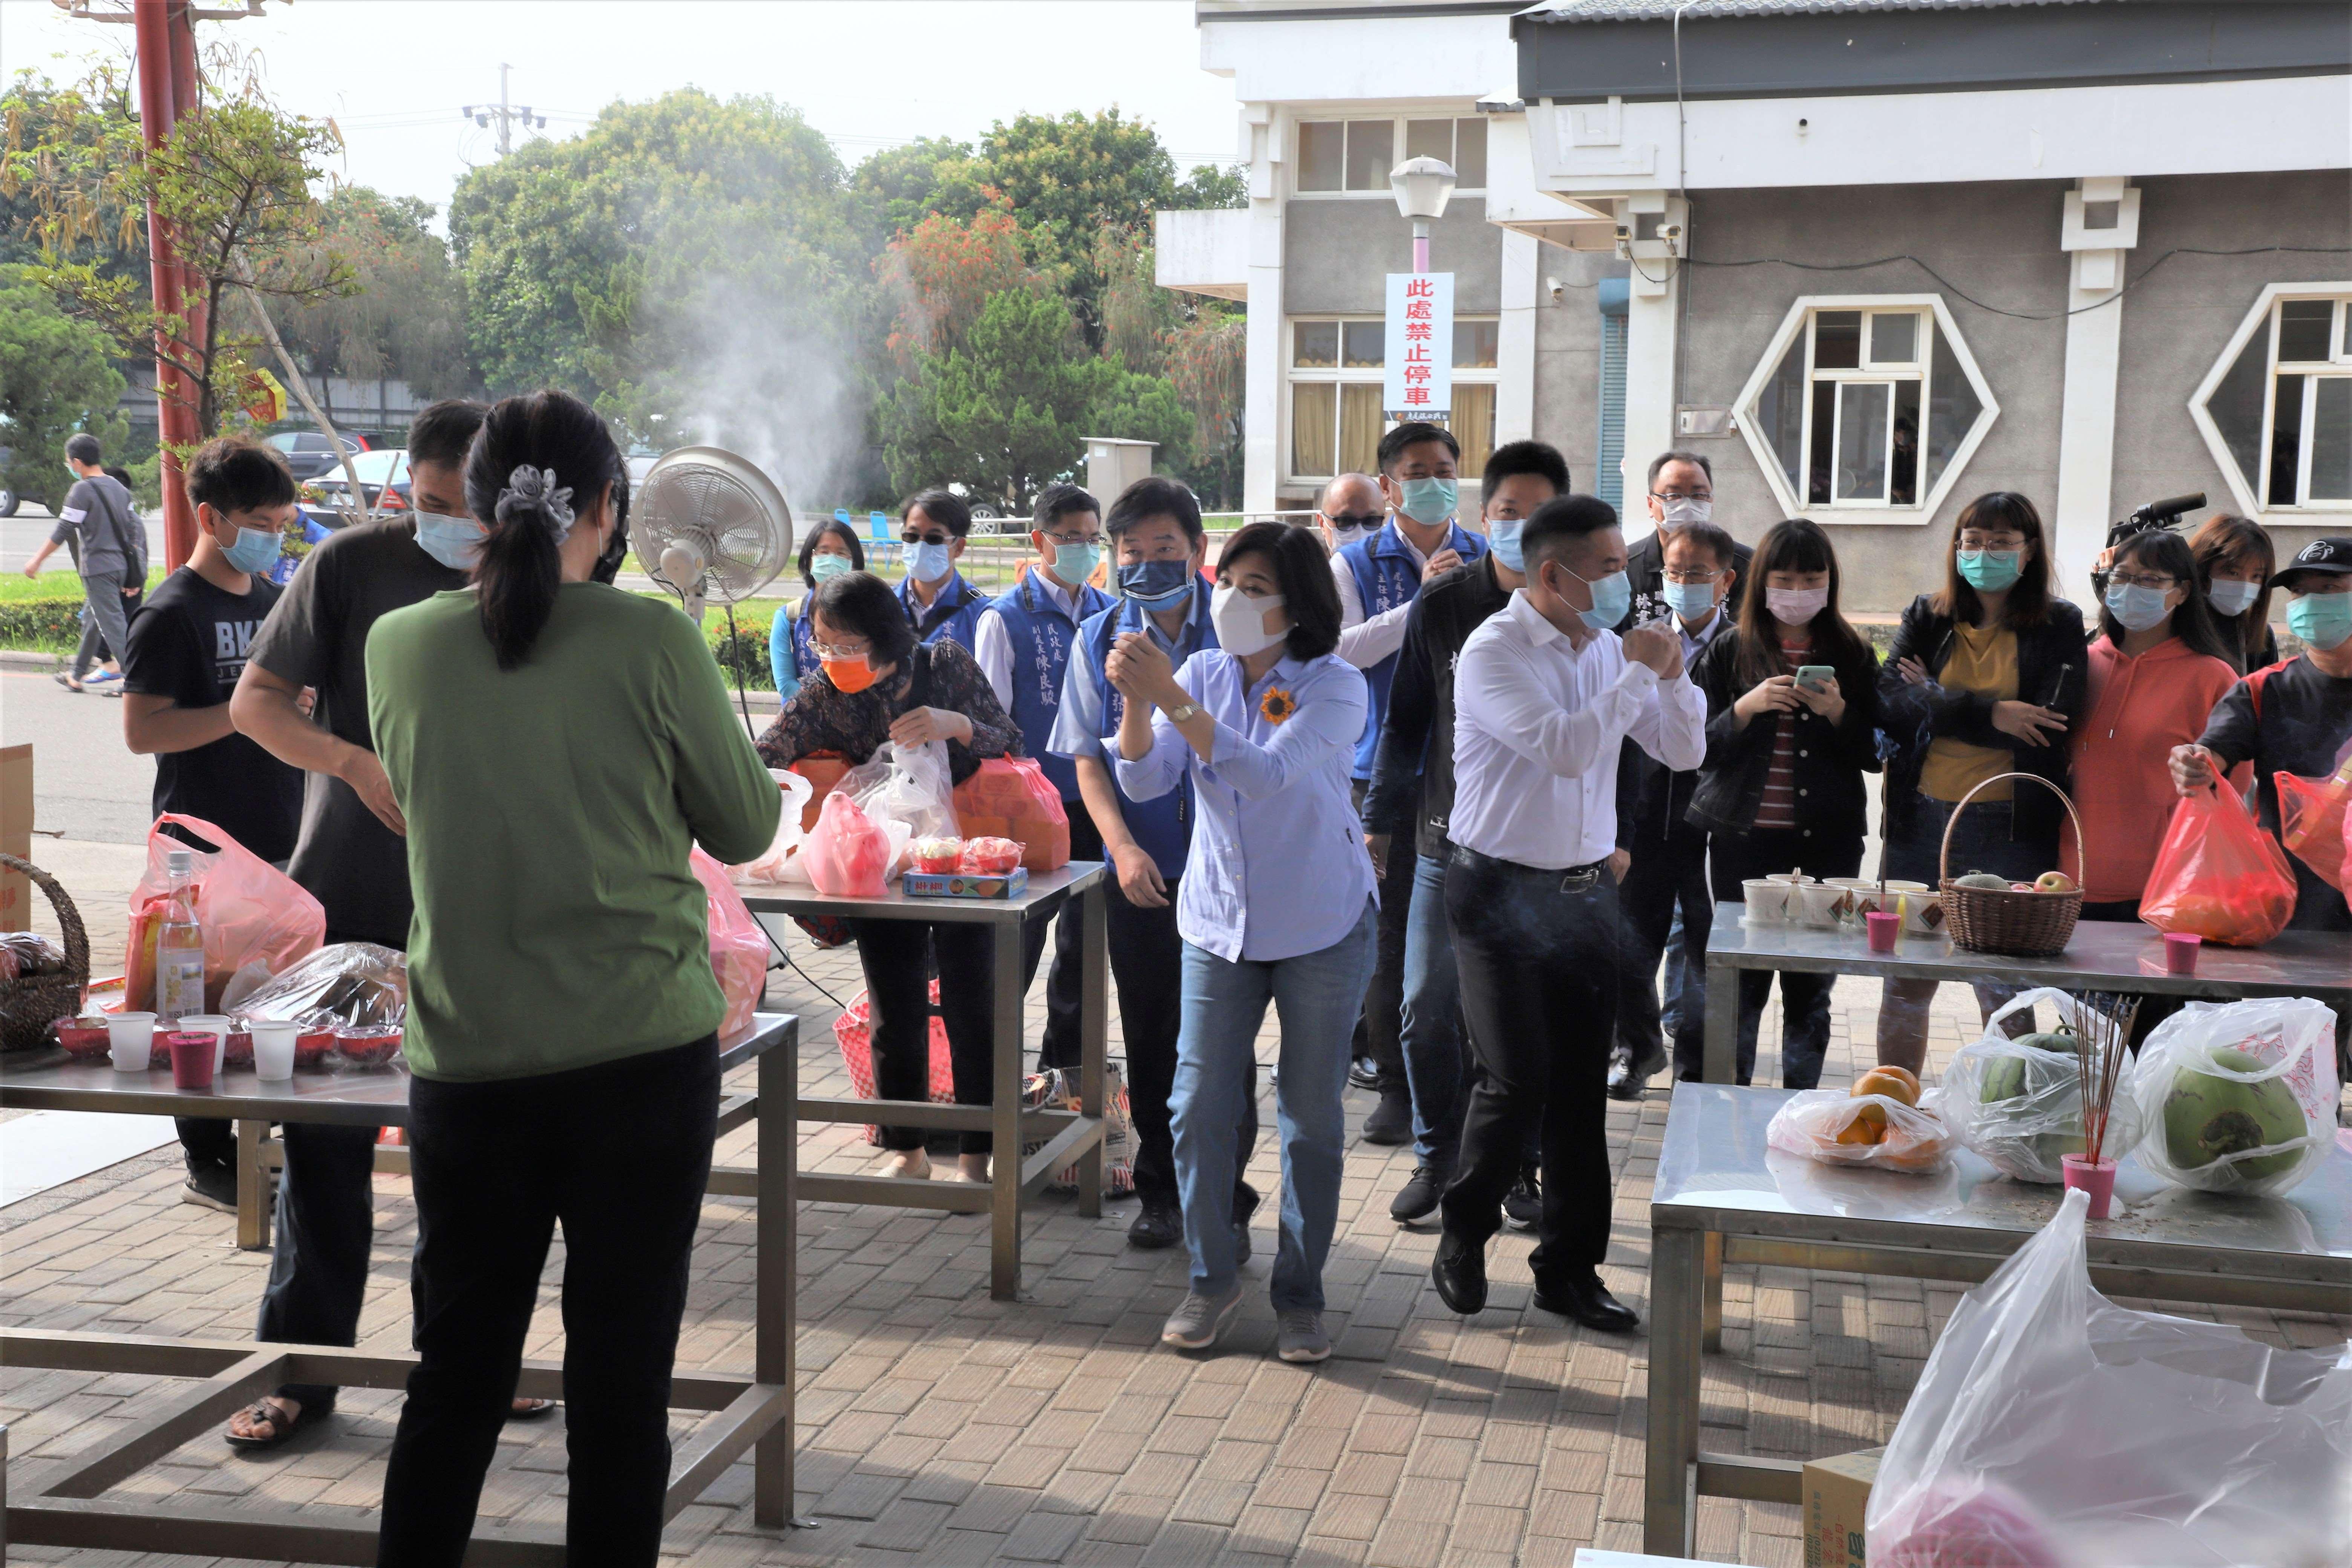 縣長張麗善等人今天前往虎尾鎮惠來示範公墓巡視防疫措施。